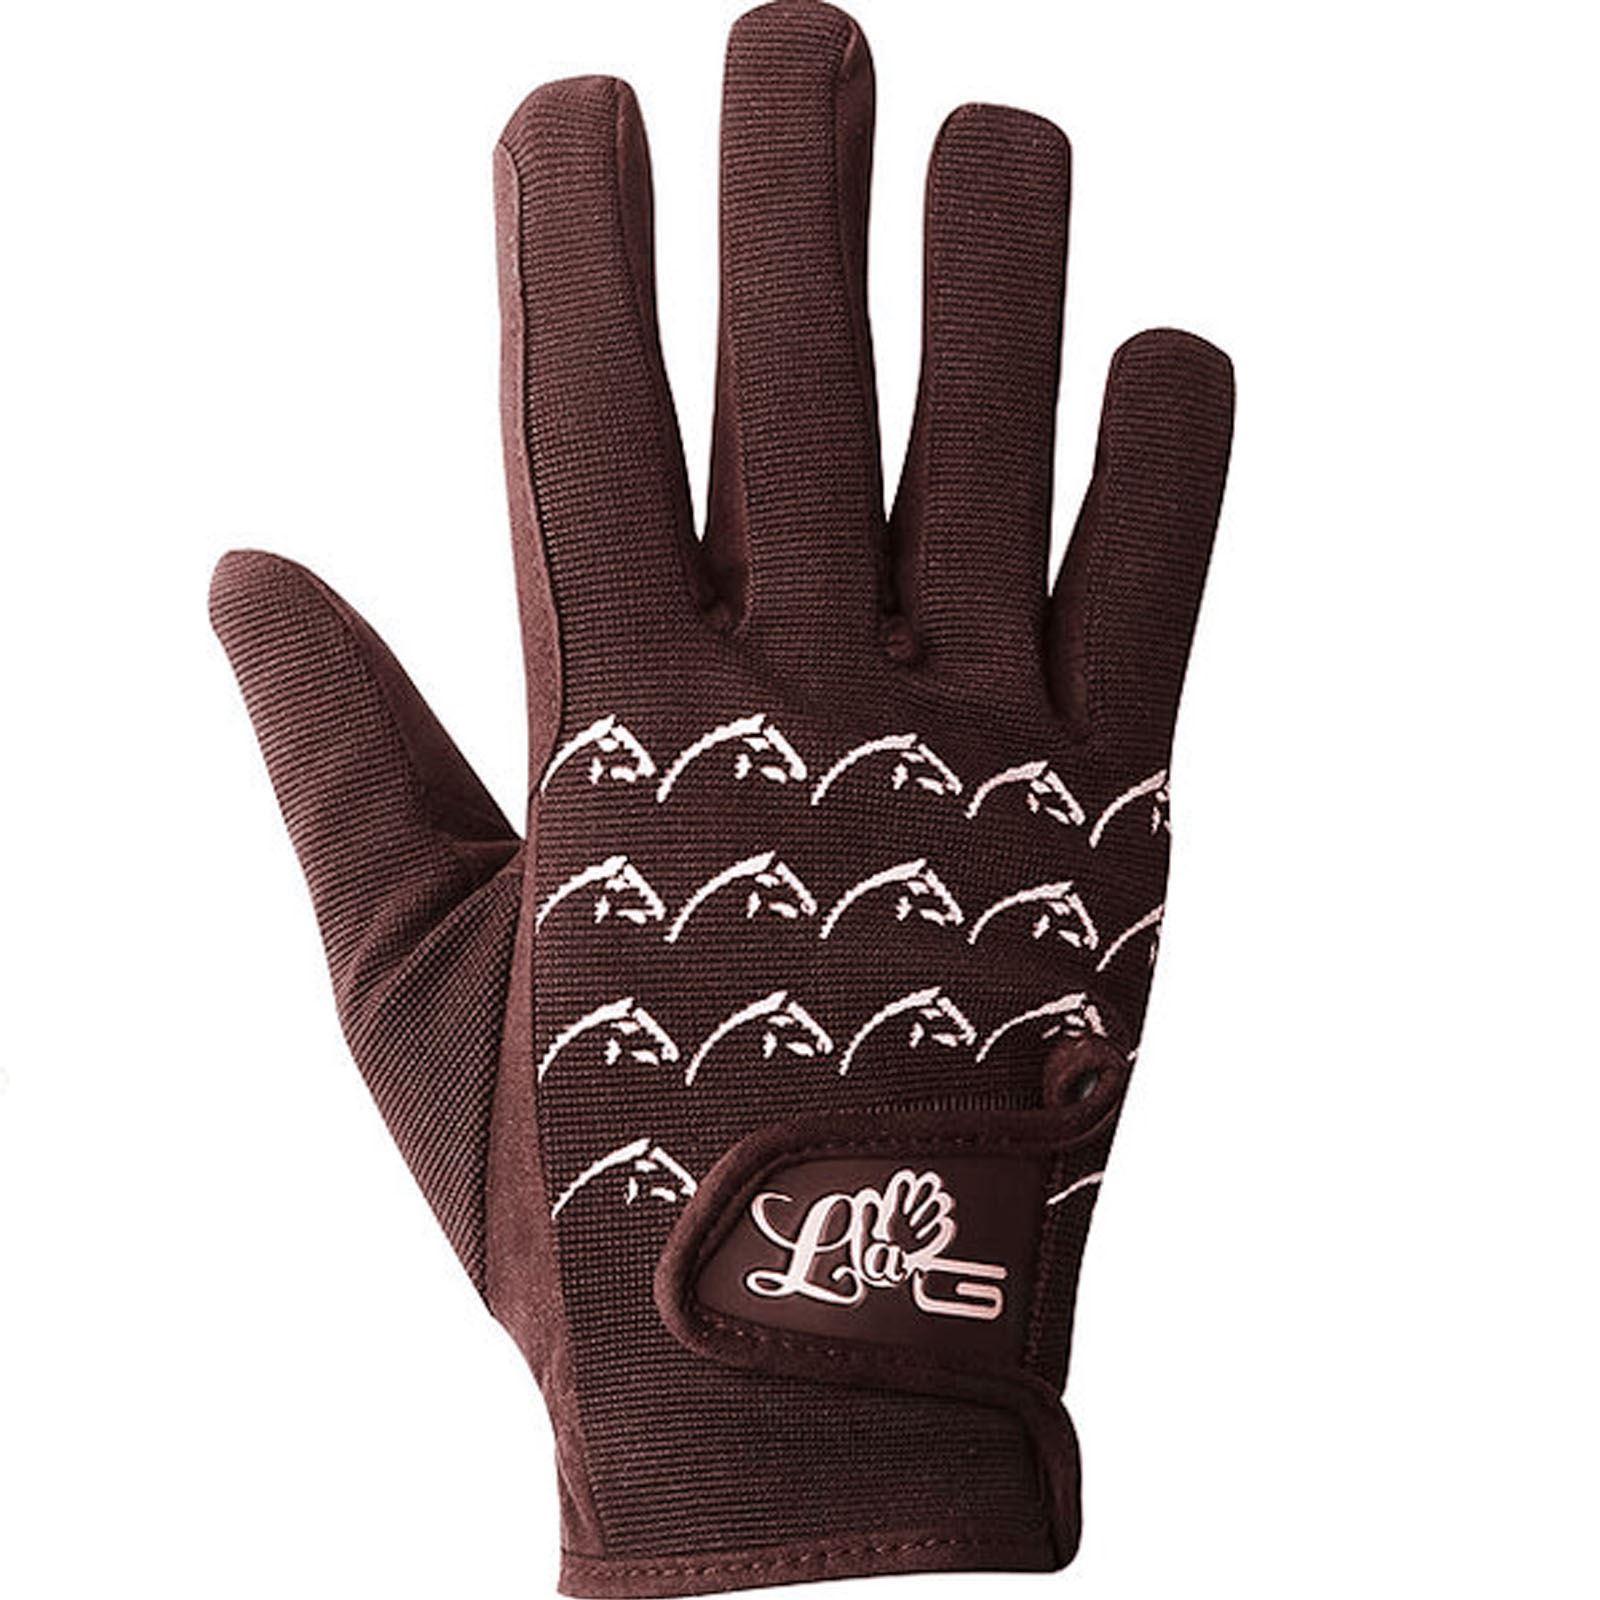 Black light gloves - Lag Nylon Clarino Amara Adult Gloves Black Light